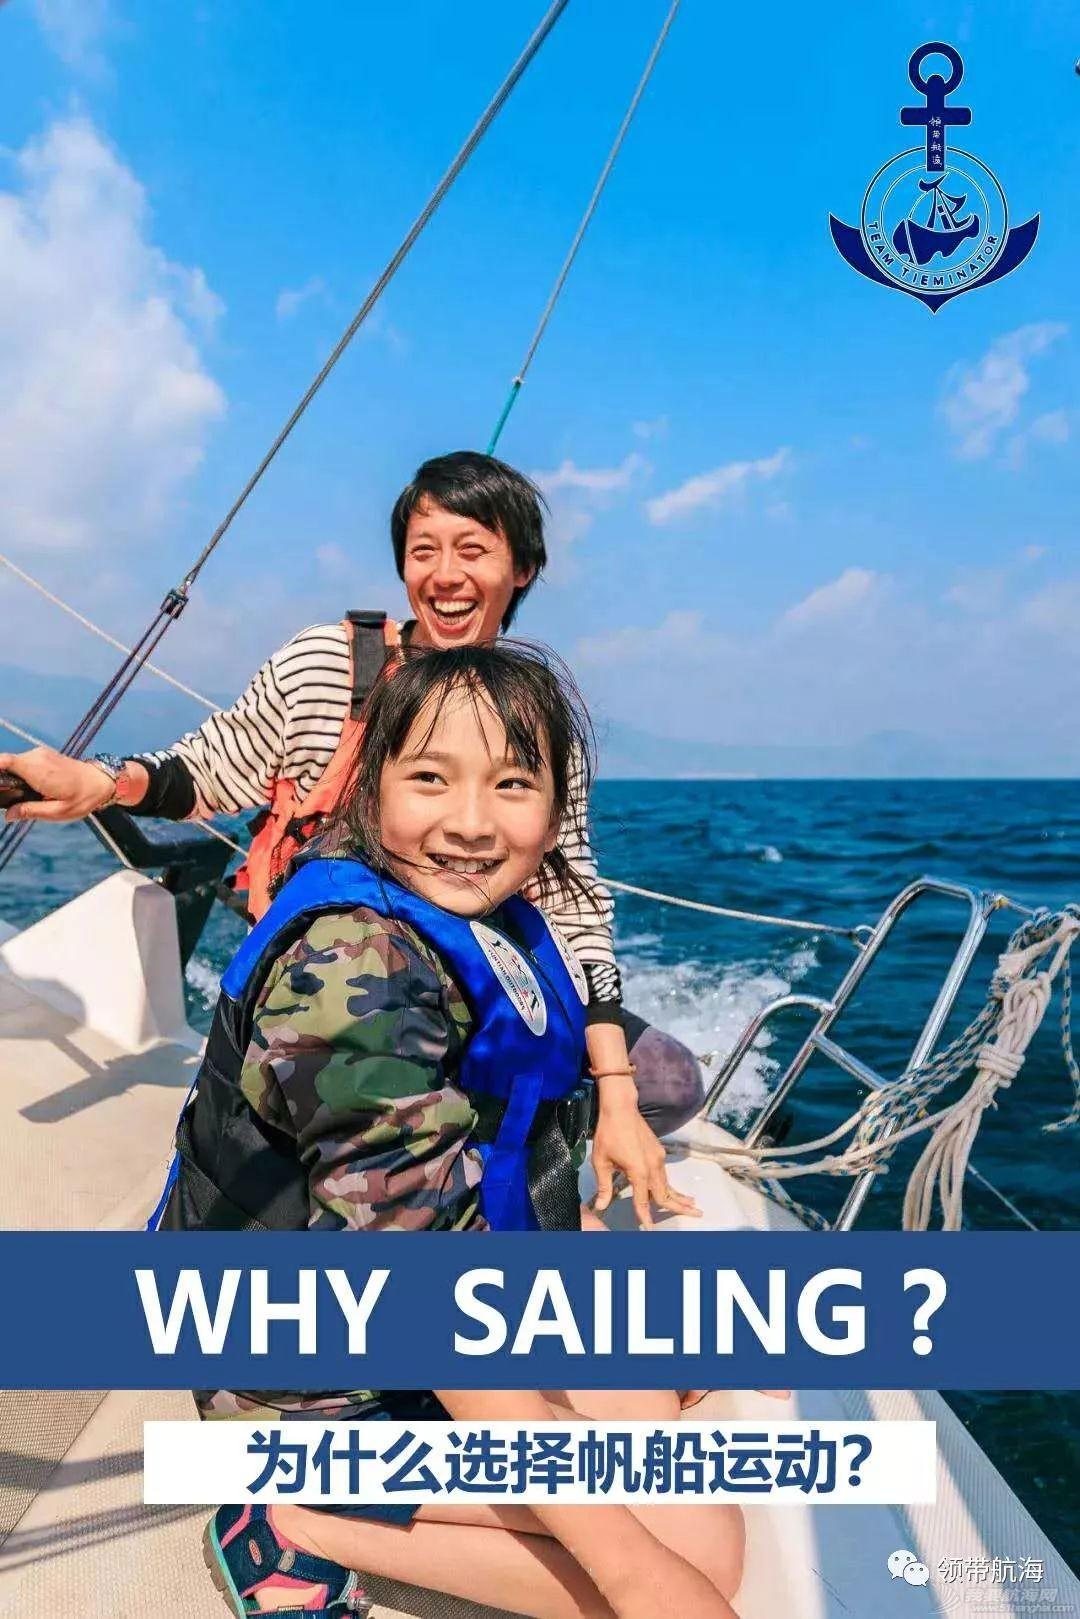 「扬帆吧少年」Keelboat帆船夏令营(抚仙湖基地)w1.jpg